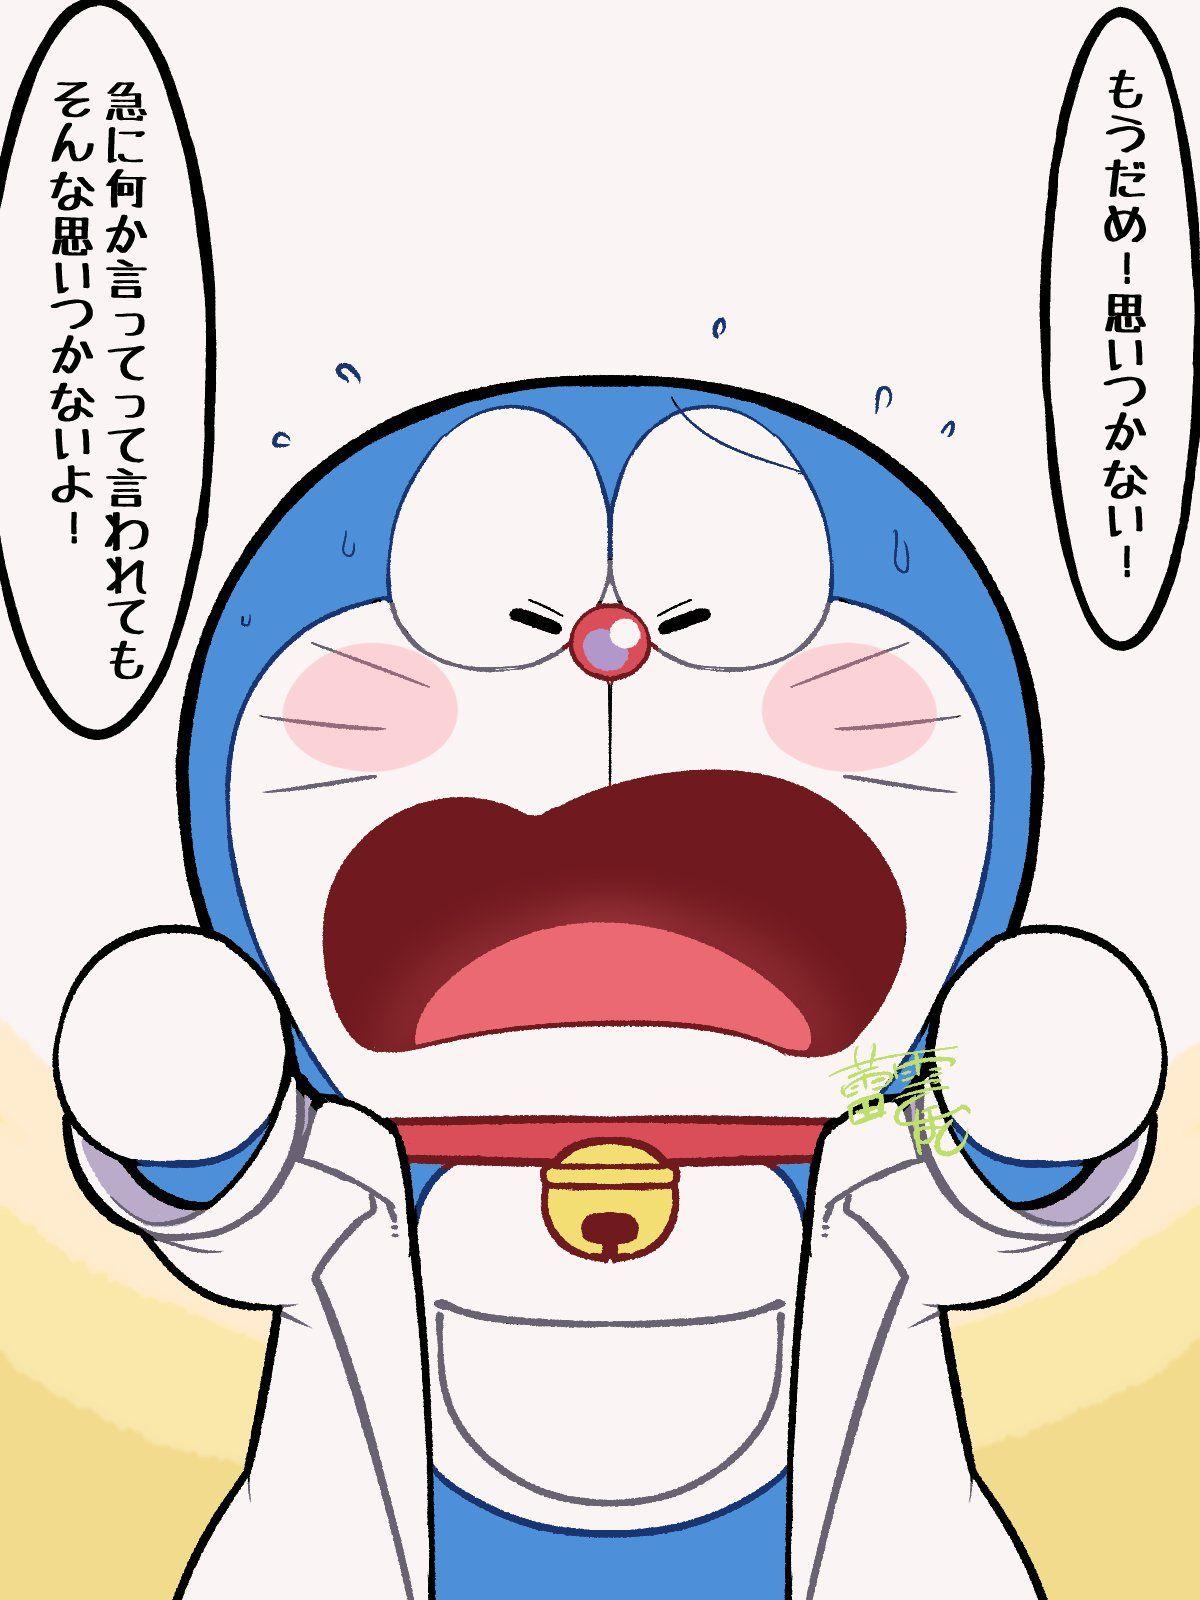 低浮上🌱蕾雲ほし on Twitter in 2020 Doraemon, Doraemon cartoon